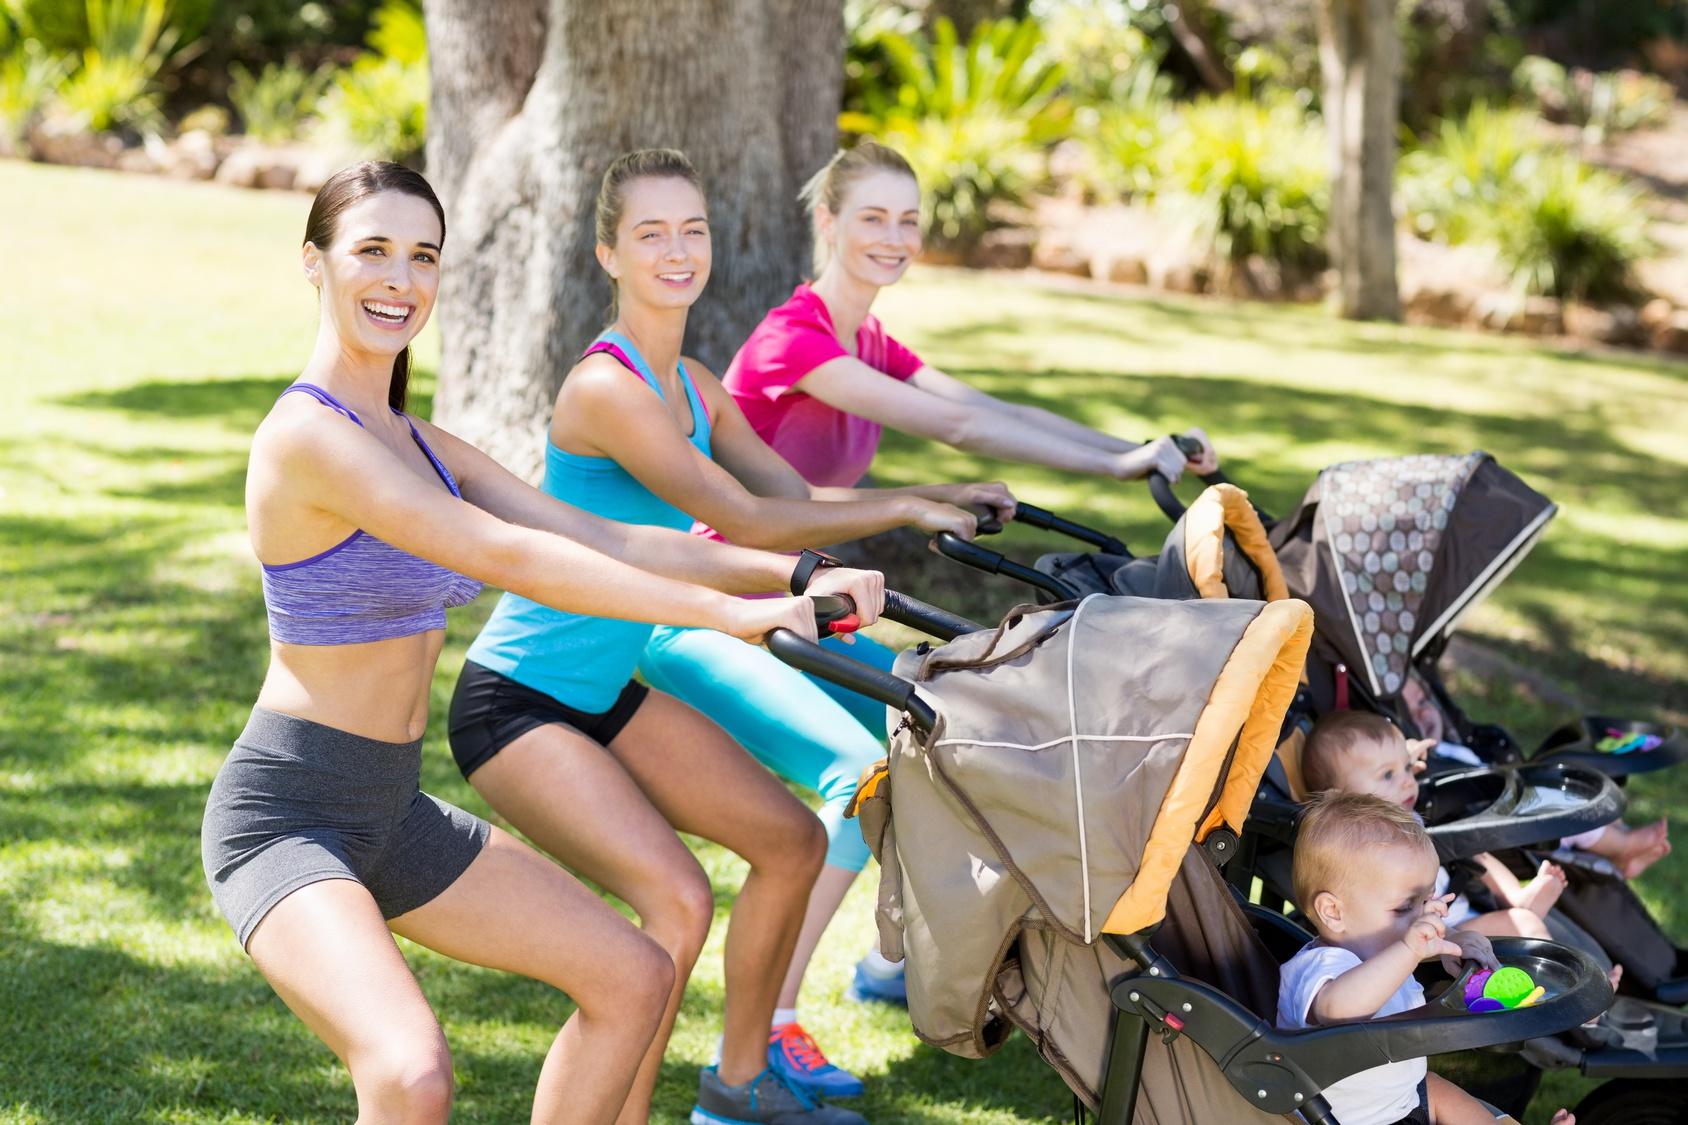 Mütter trainieren mit Baby und Kinderwagen. Sport mit dem Kinderwagen.